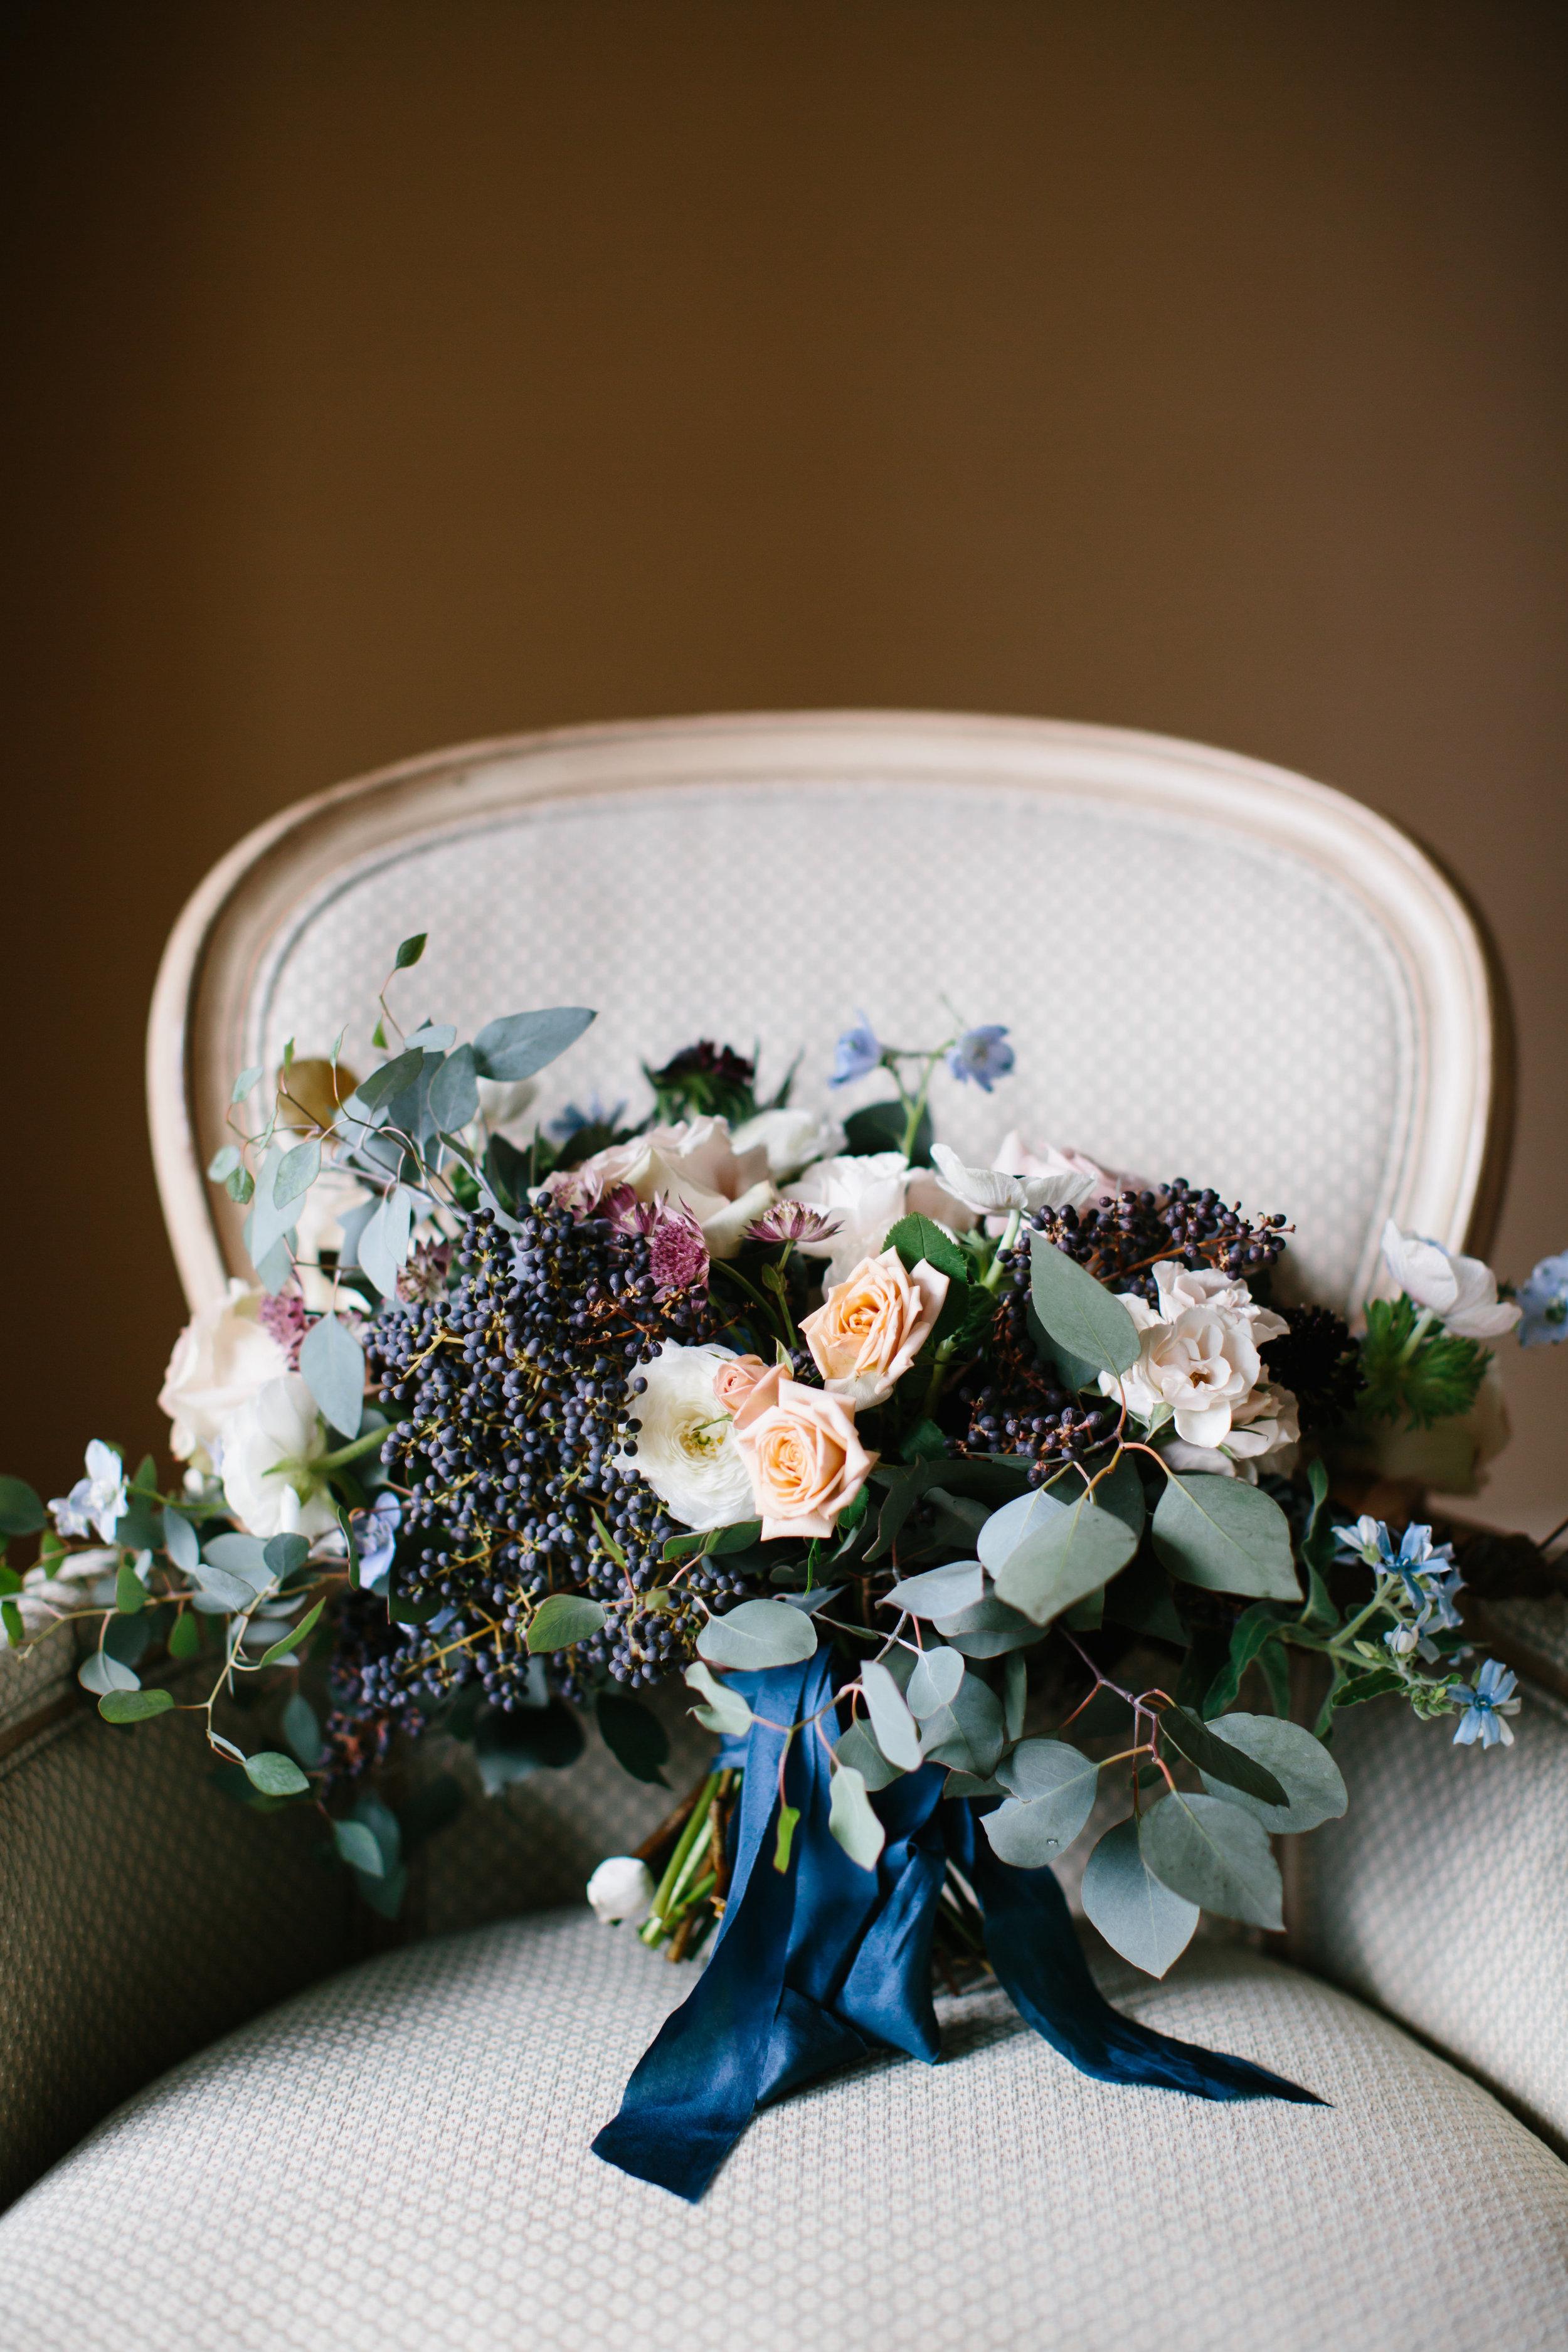 Lush garden bouquet by Wild Green Yonder